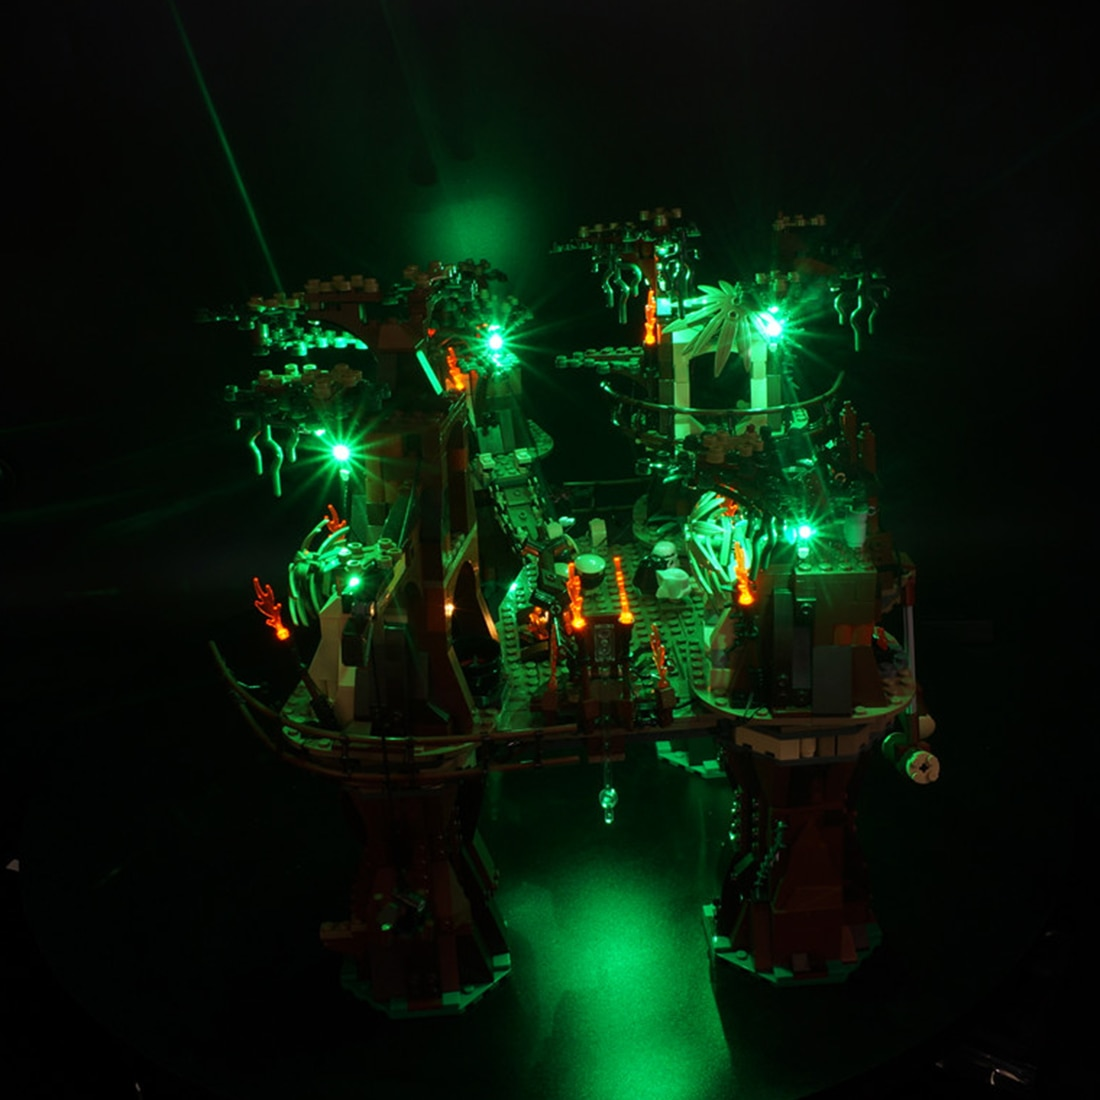 Bloques de construcción, Kit de iluminación LED para Ewok Village 10236 (solo LED incluido, sin Kit) para niños, juguetes educativos, regalo de cumpleaños